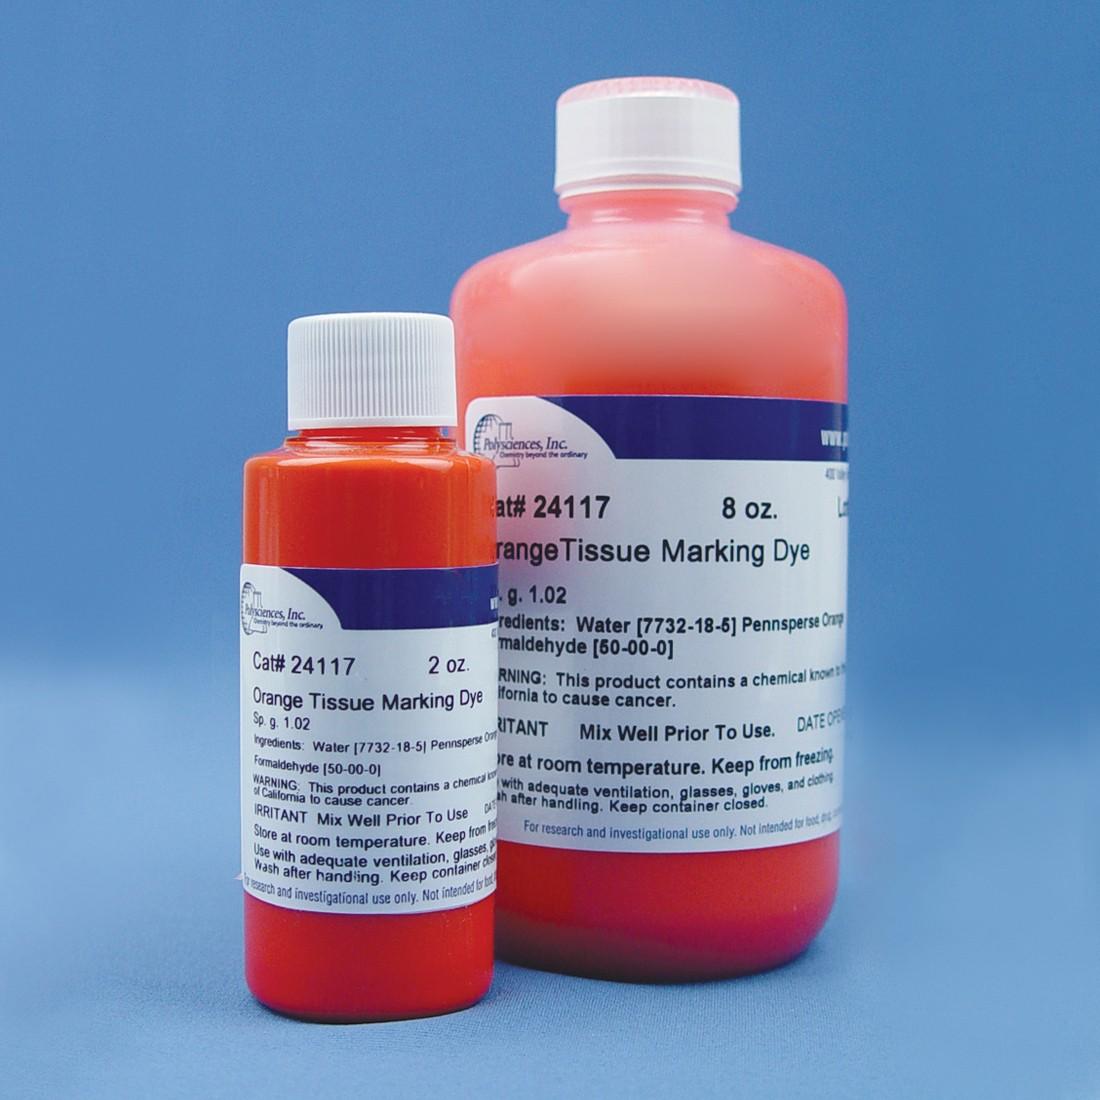 Marking Dye for Tissue - Orange